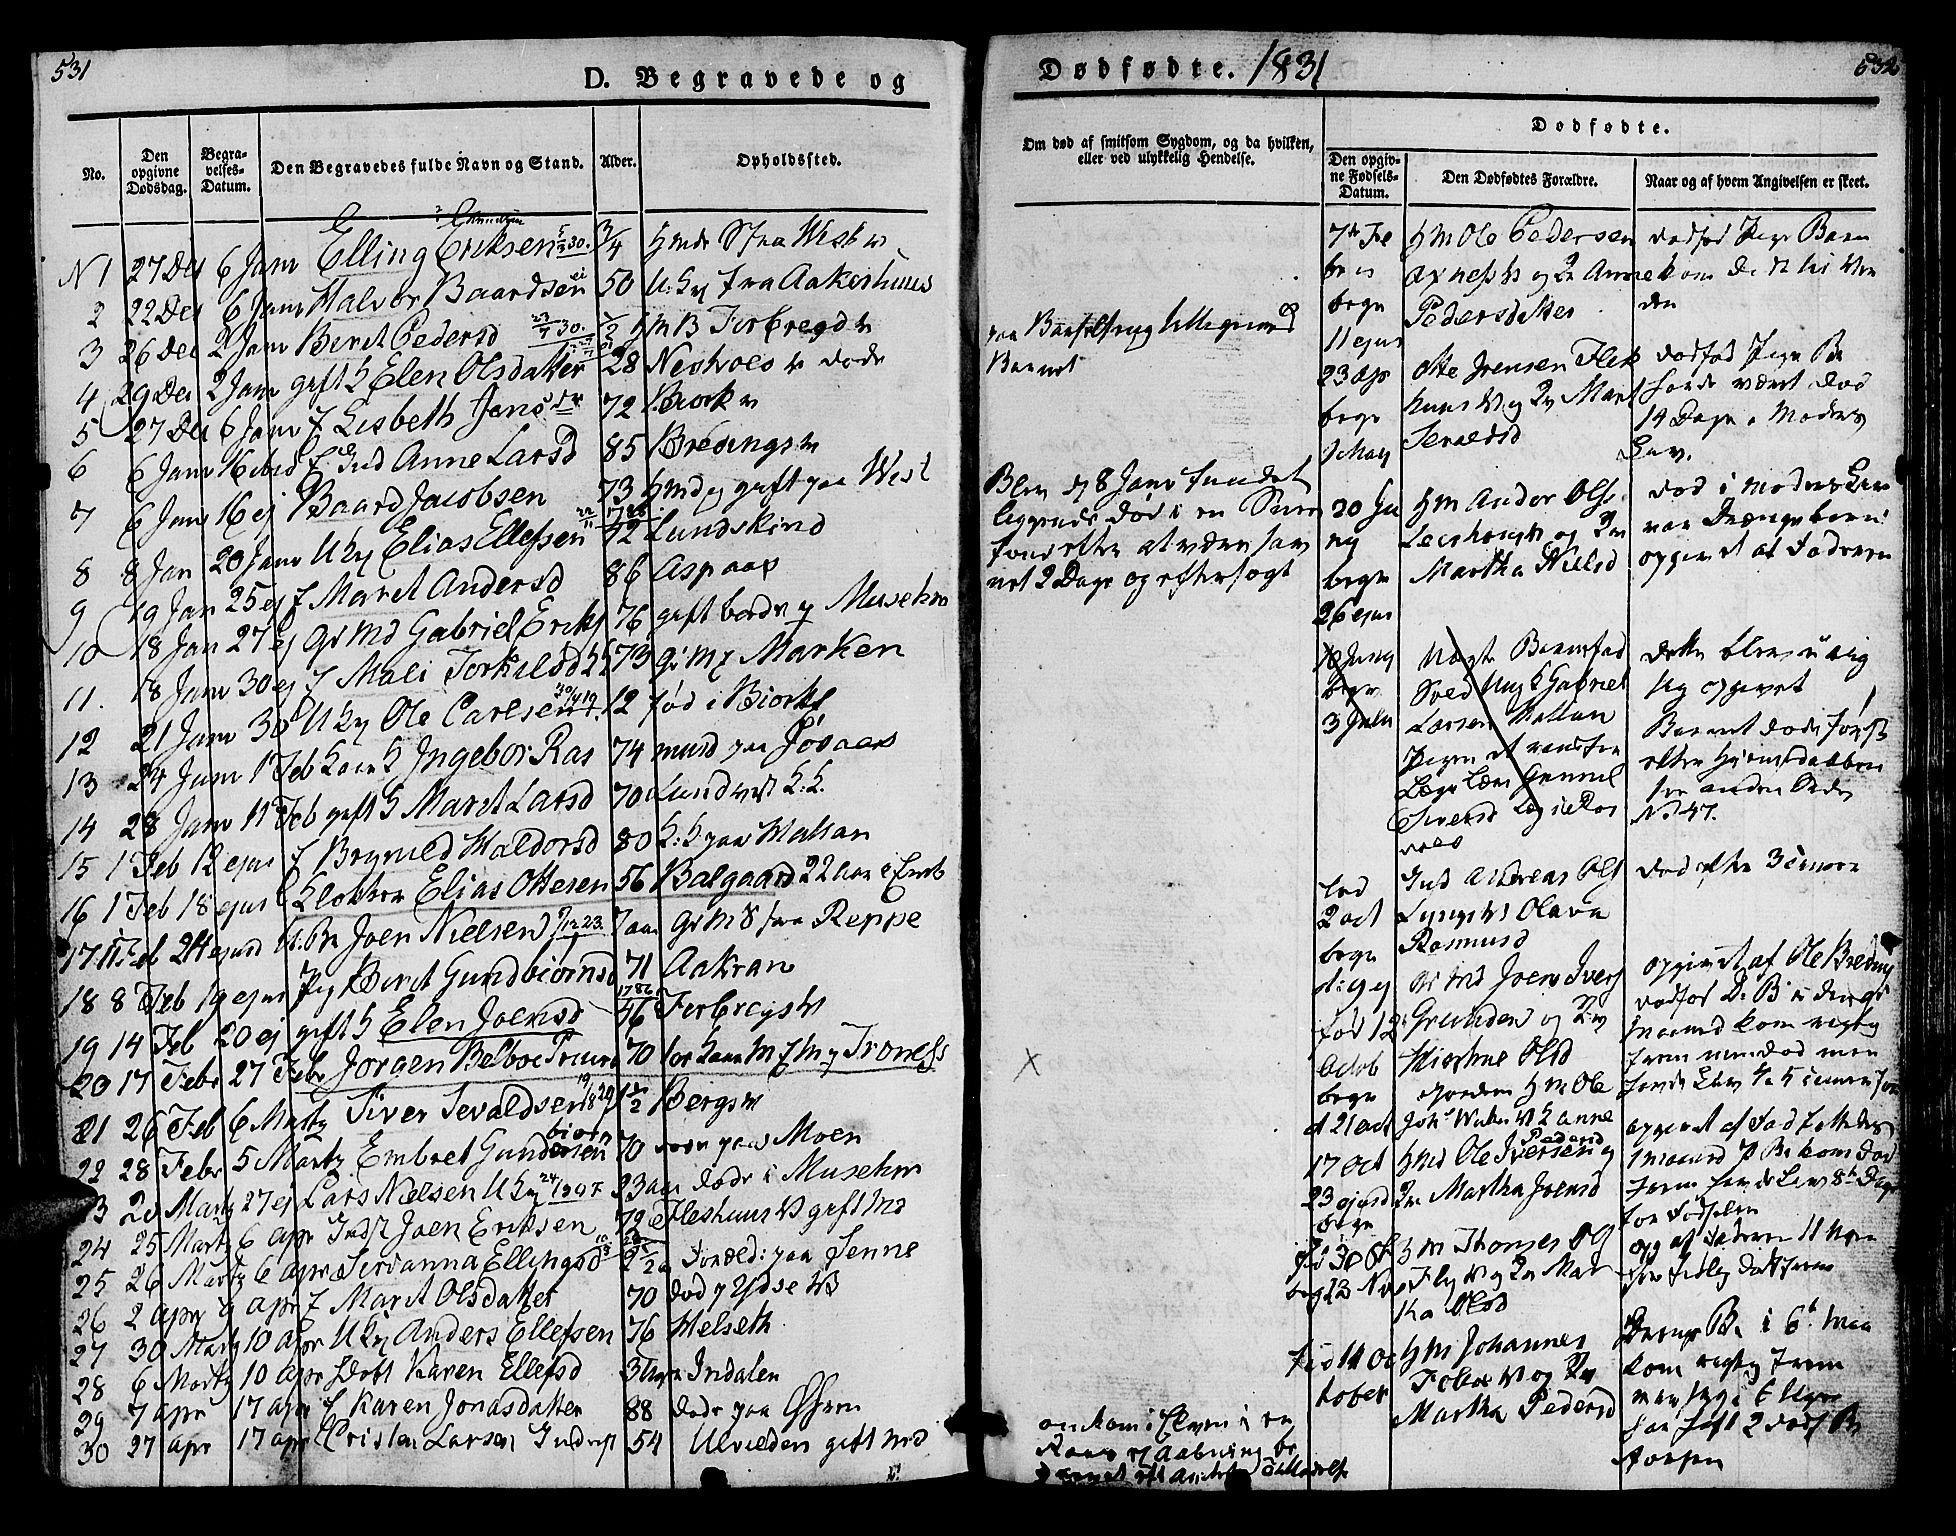 SAT, Ministerialprotokoller, klokkerbøker og fødselsregistre - Nord-Trøndelag, 723/L0238: Ministerialbok nr. 723A07, 1831-1840, s. 531-532